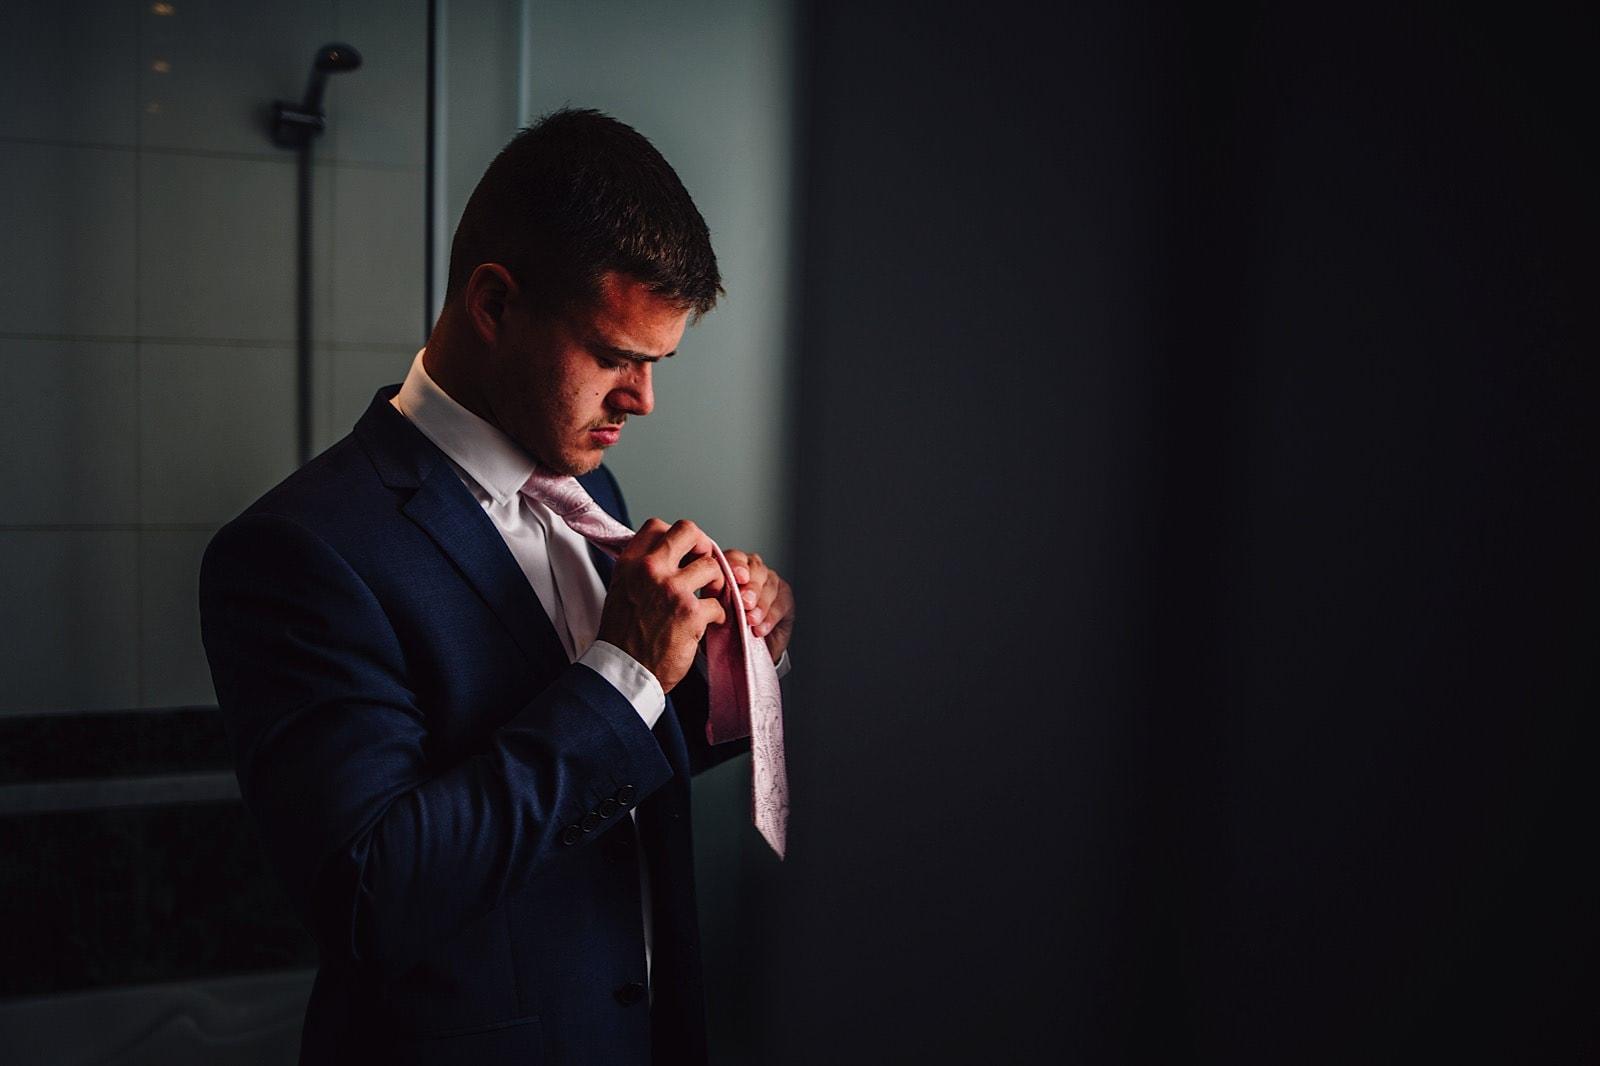 santorini-wedding-photographer-0033